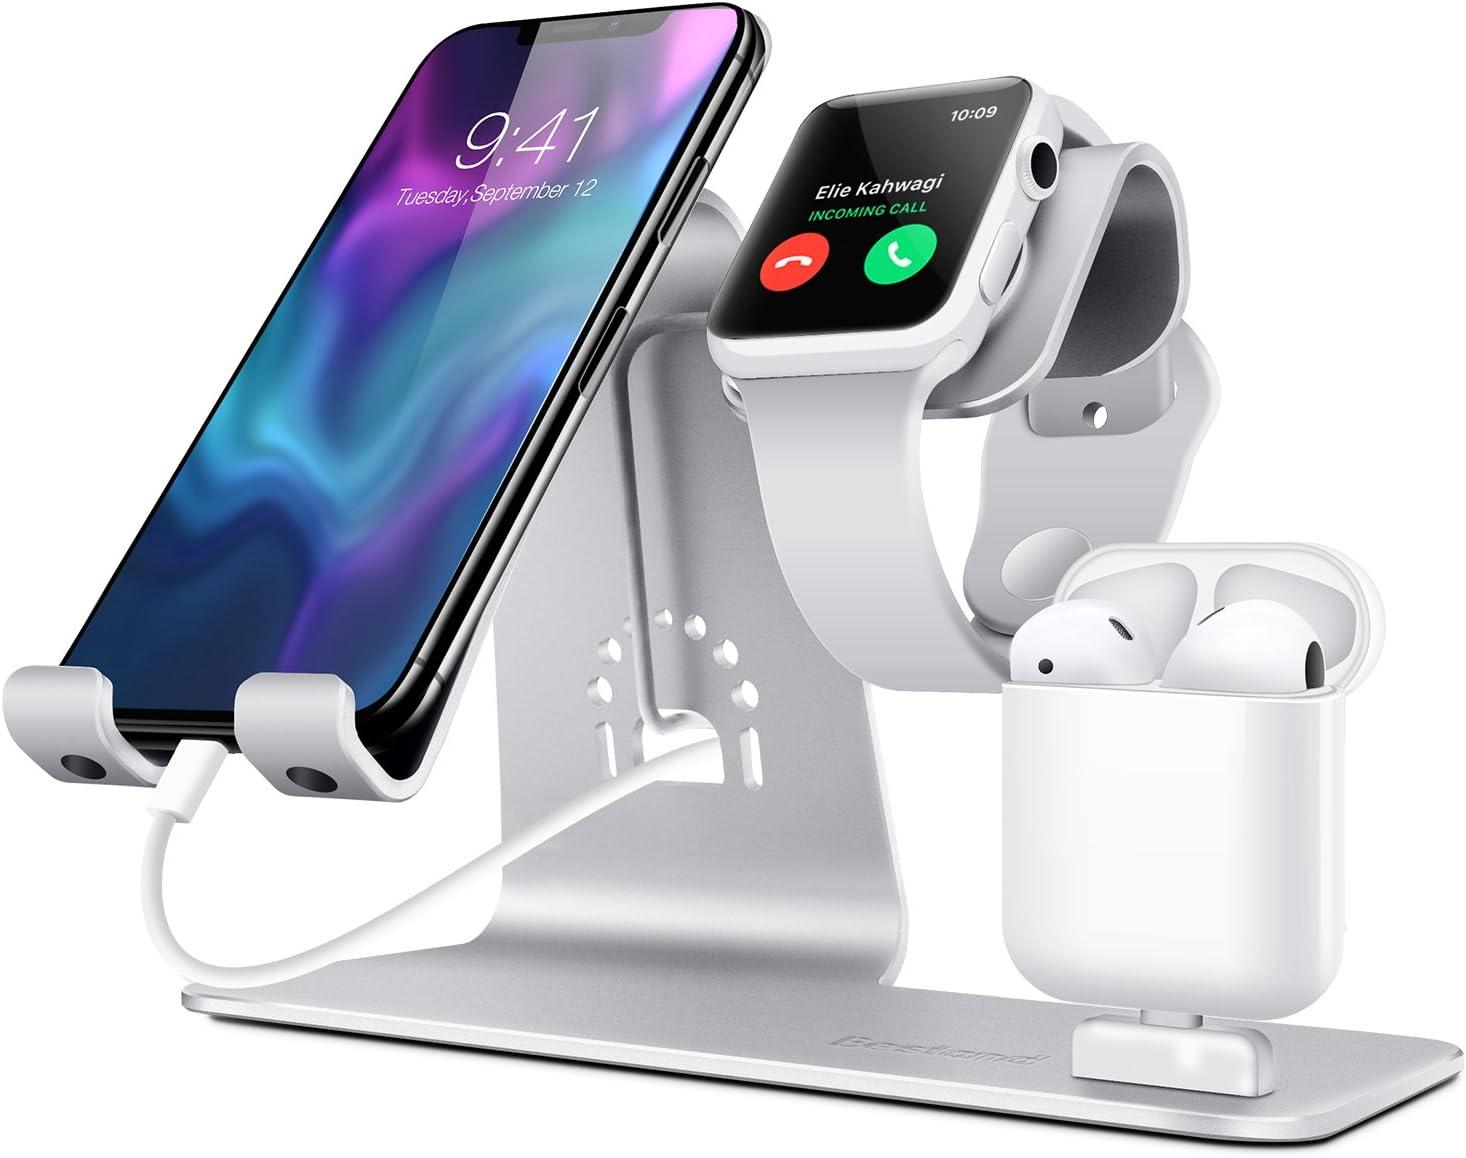 Soporte 3 en 1 para móvil, reloj y auriculares